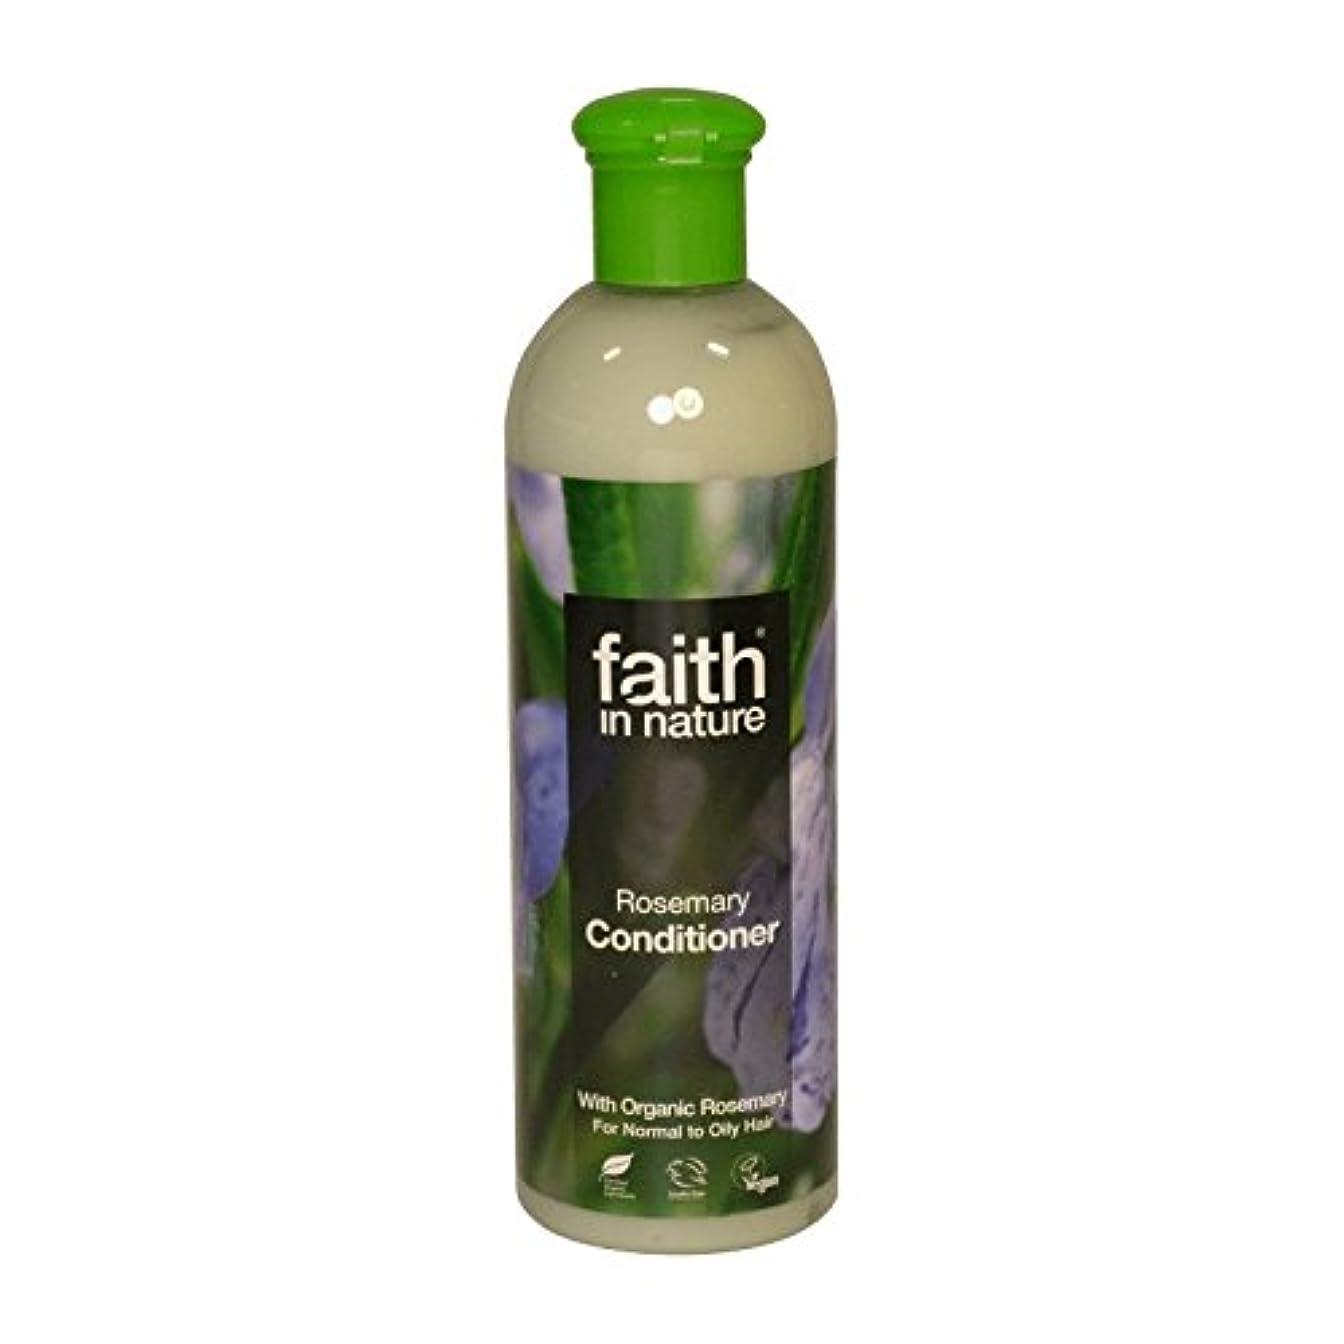 インキュバスフレッシュ配分Faith in Nature Rosemary Conditioner 400ml (Pack of 2) - 自然ローズマリーコンディショナー400ミリリットルの信仰 (x2) [並行輸入品]